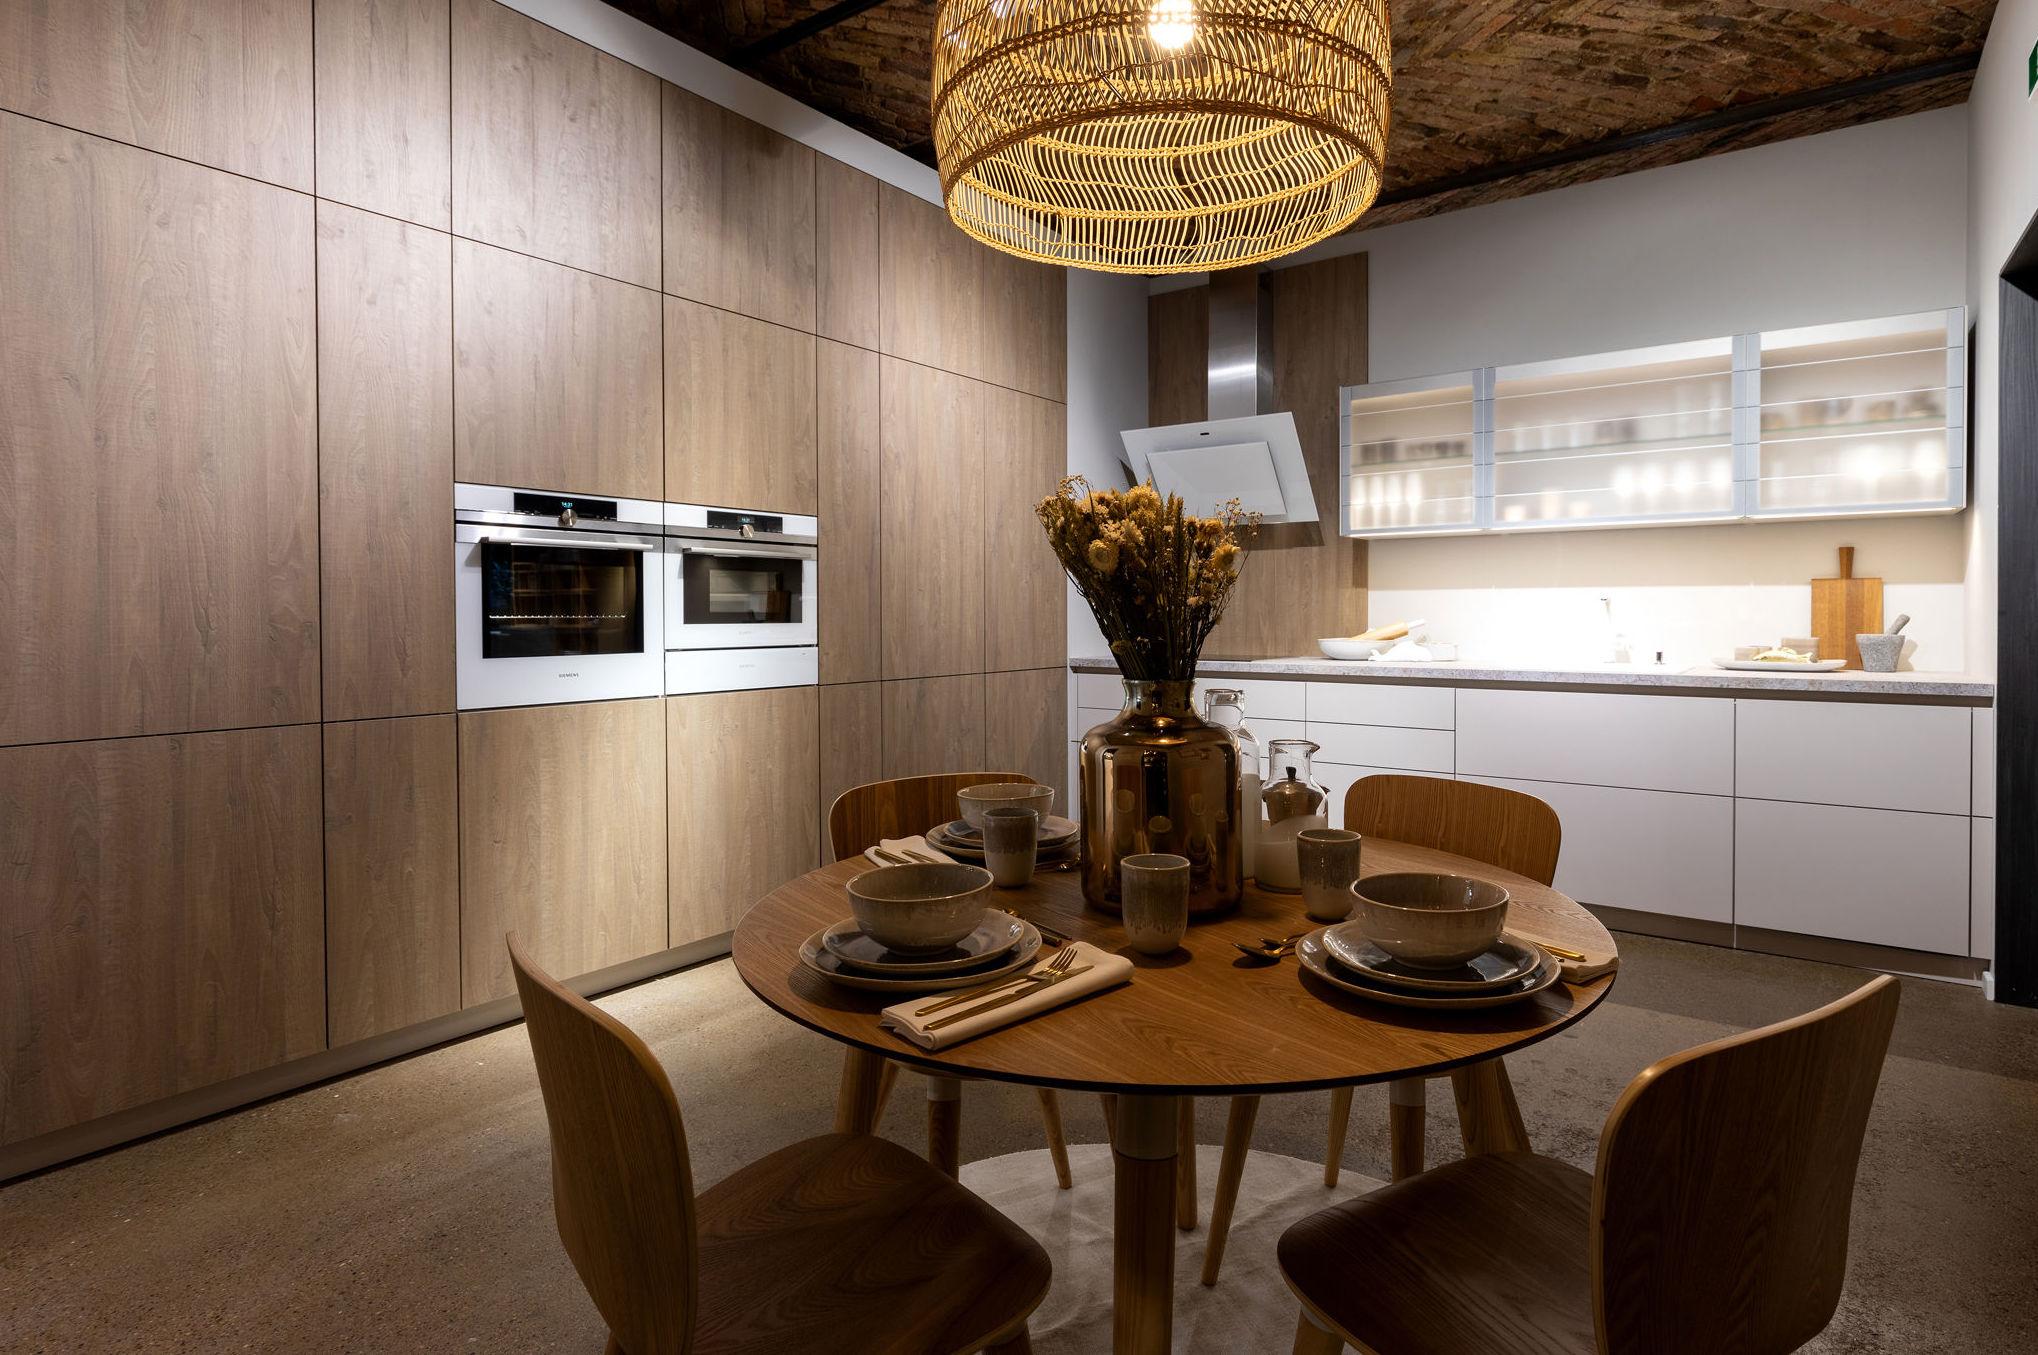 Foto 2 de Muebles de baño y cocina en Sevilla | Premier Estudio de Cocinas